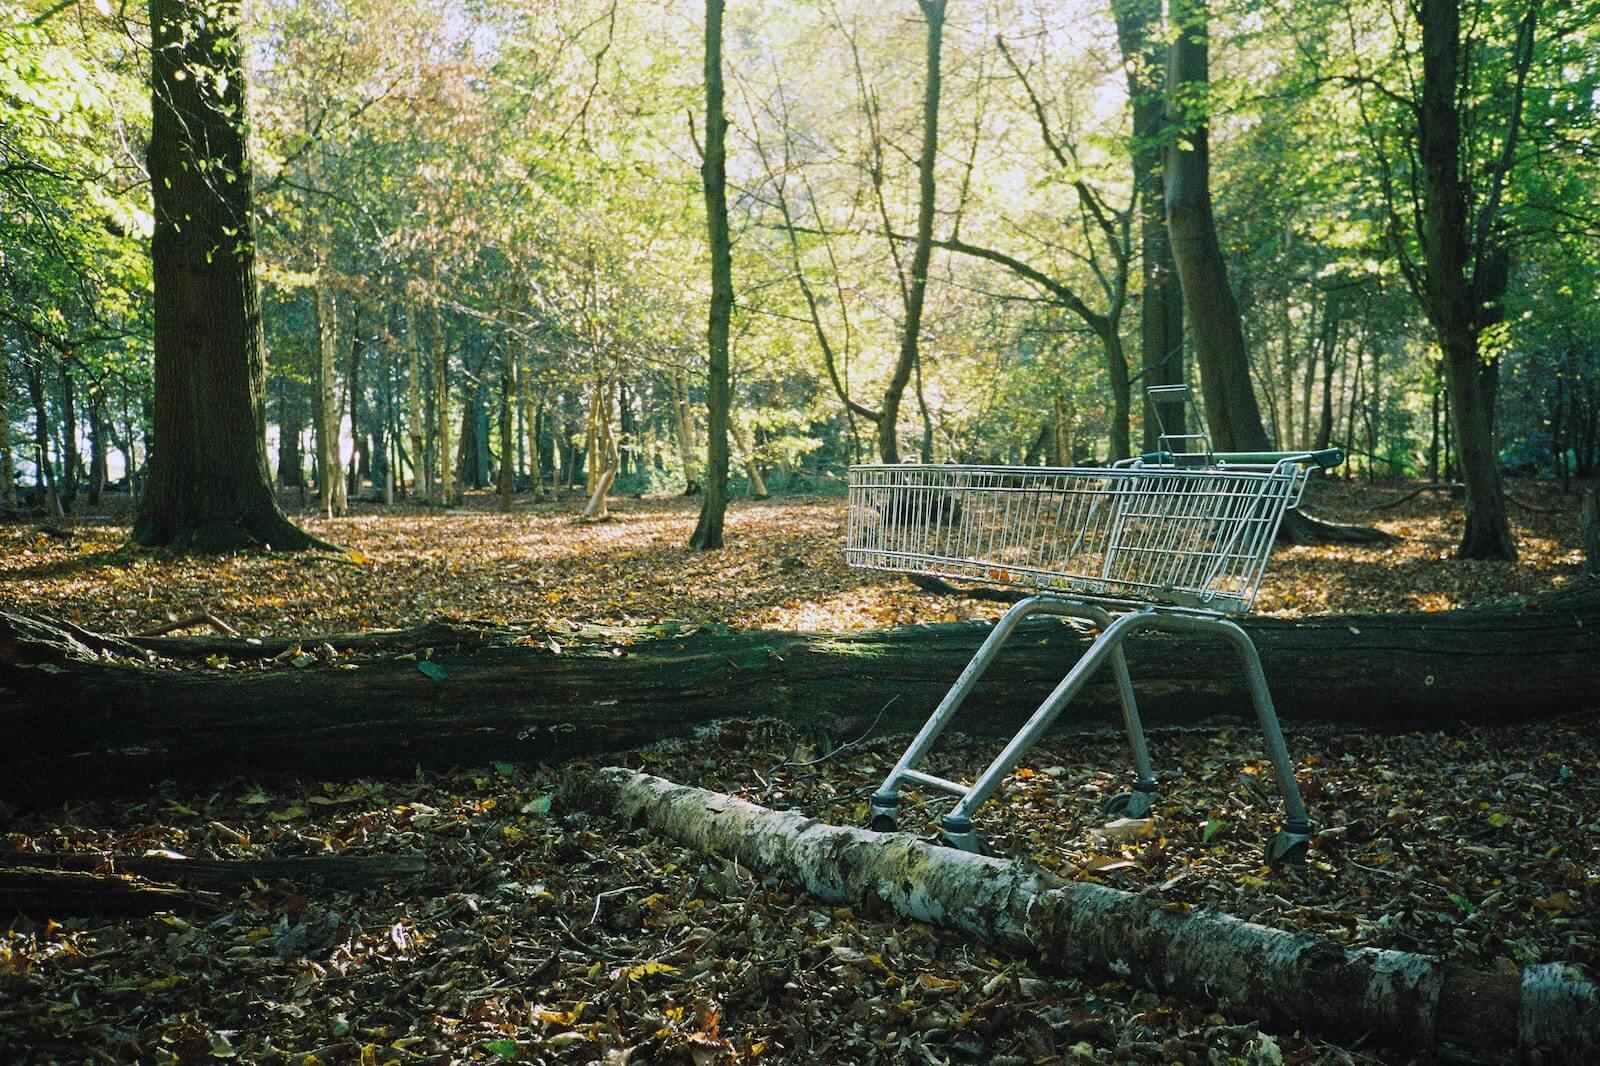 Caddie abandonné dans la forêt